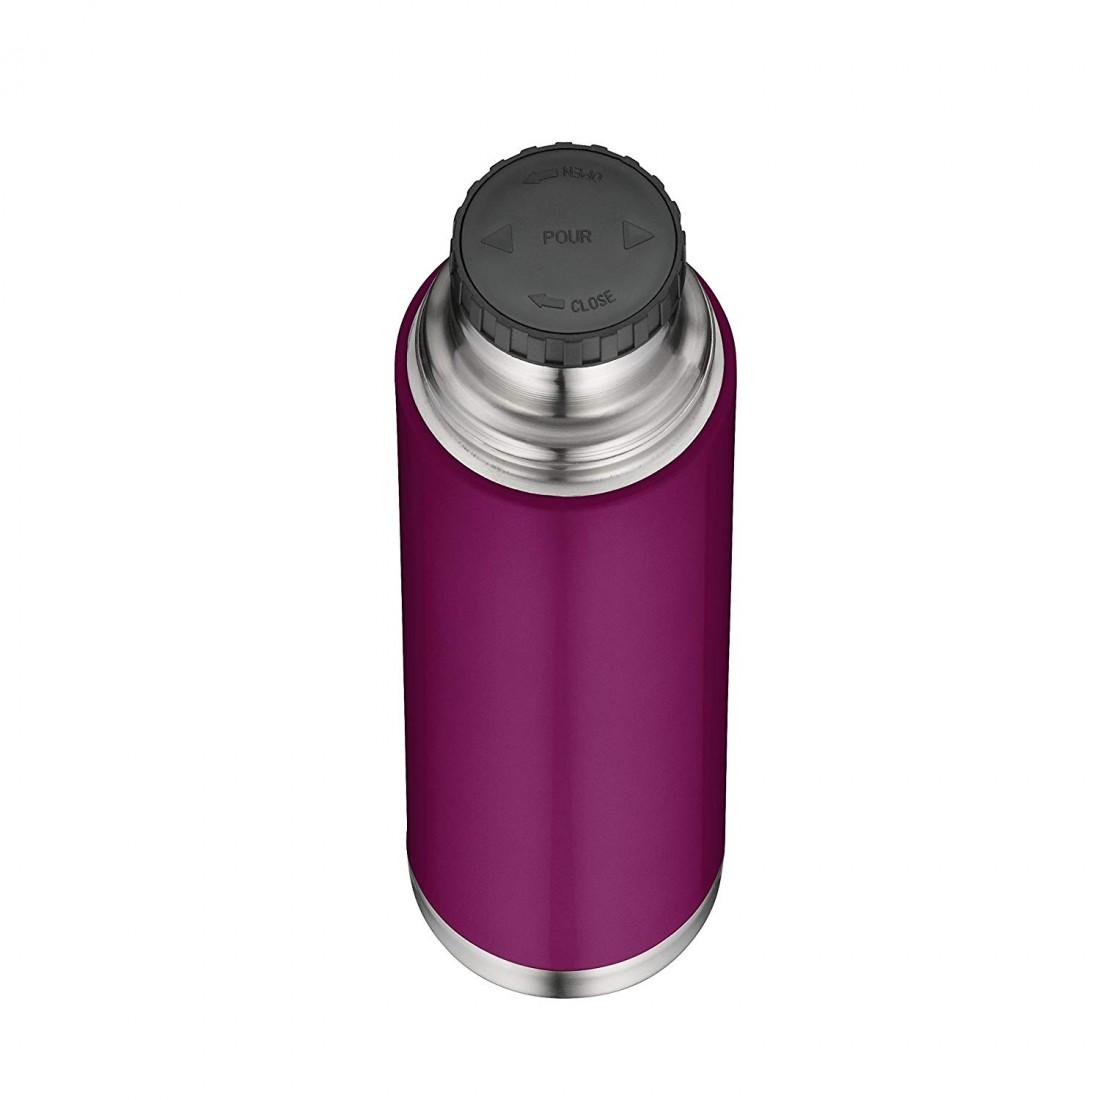 Bình giữ nhiệt Alfi IsoTherm Eco, màu tím, dung tích 750ml-Thế